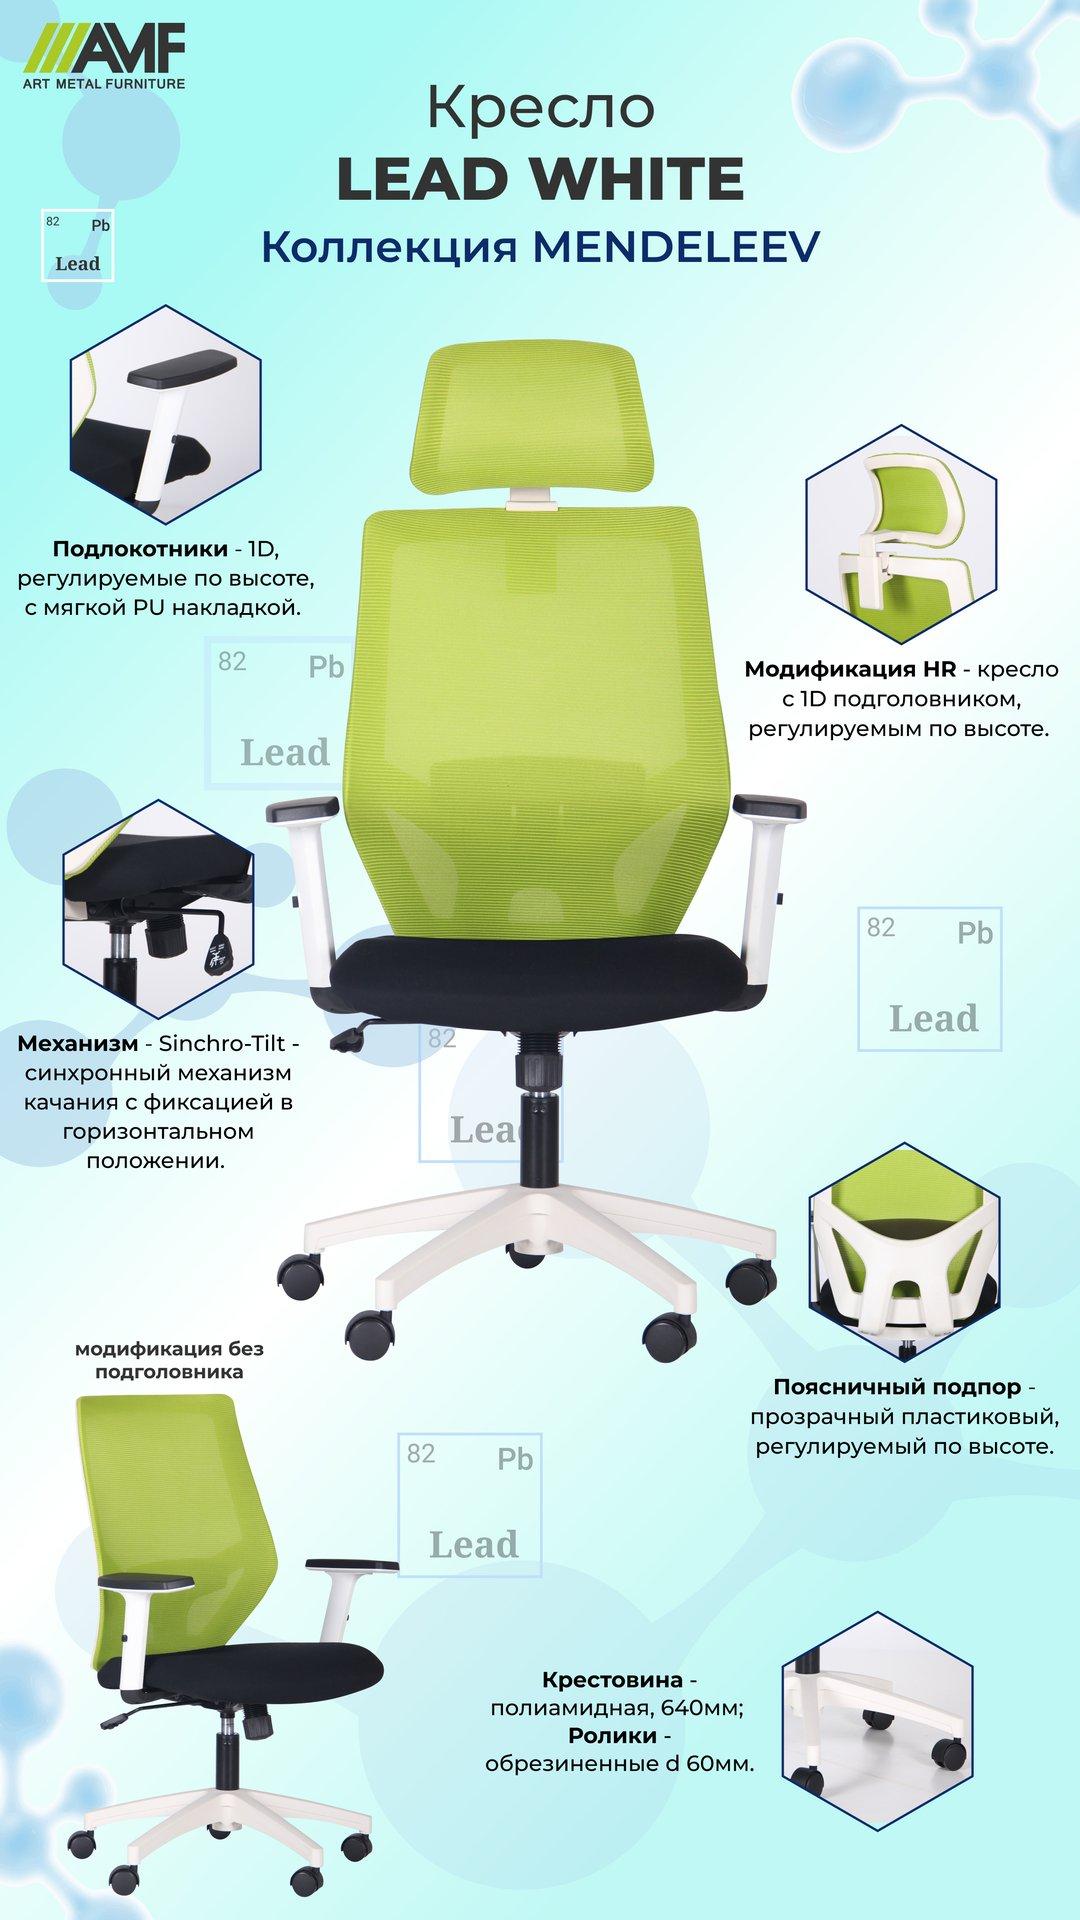 Кресло Lead White описание-2